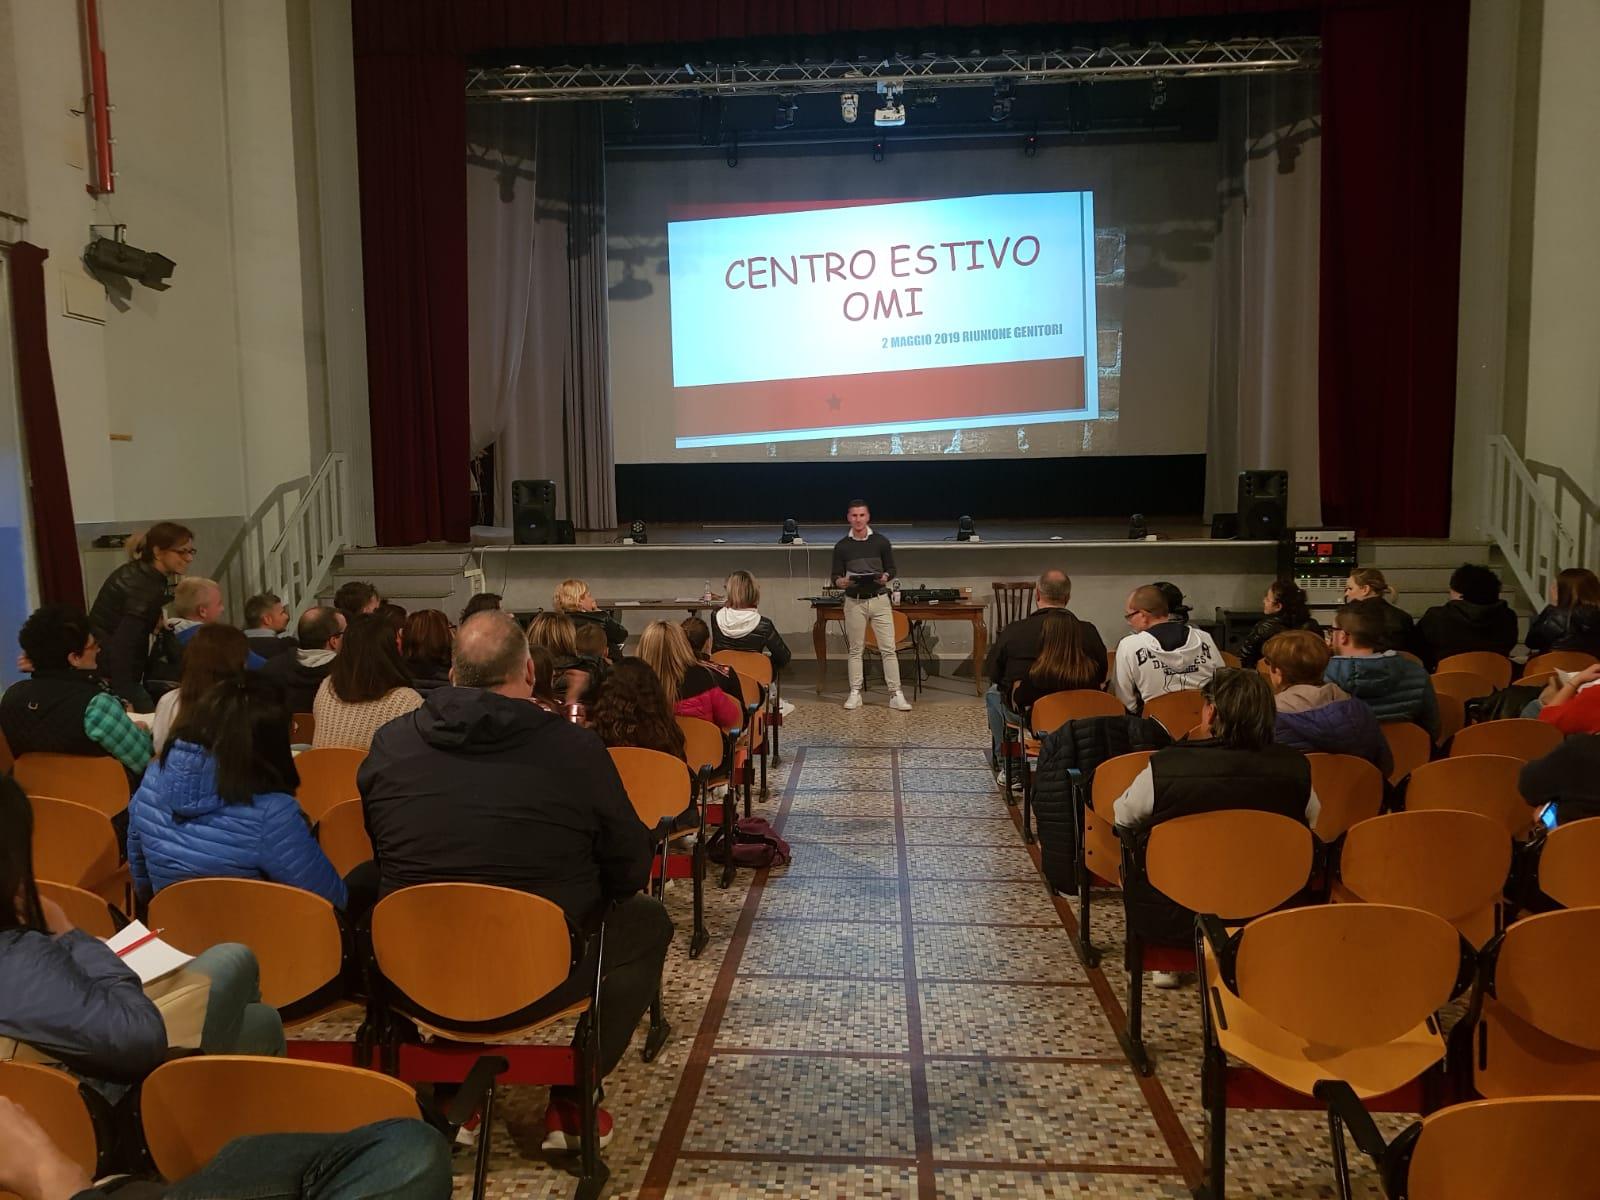 Incontro presentazione di Centro Estivo 2019 (5)